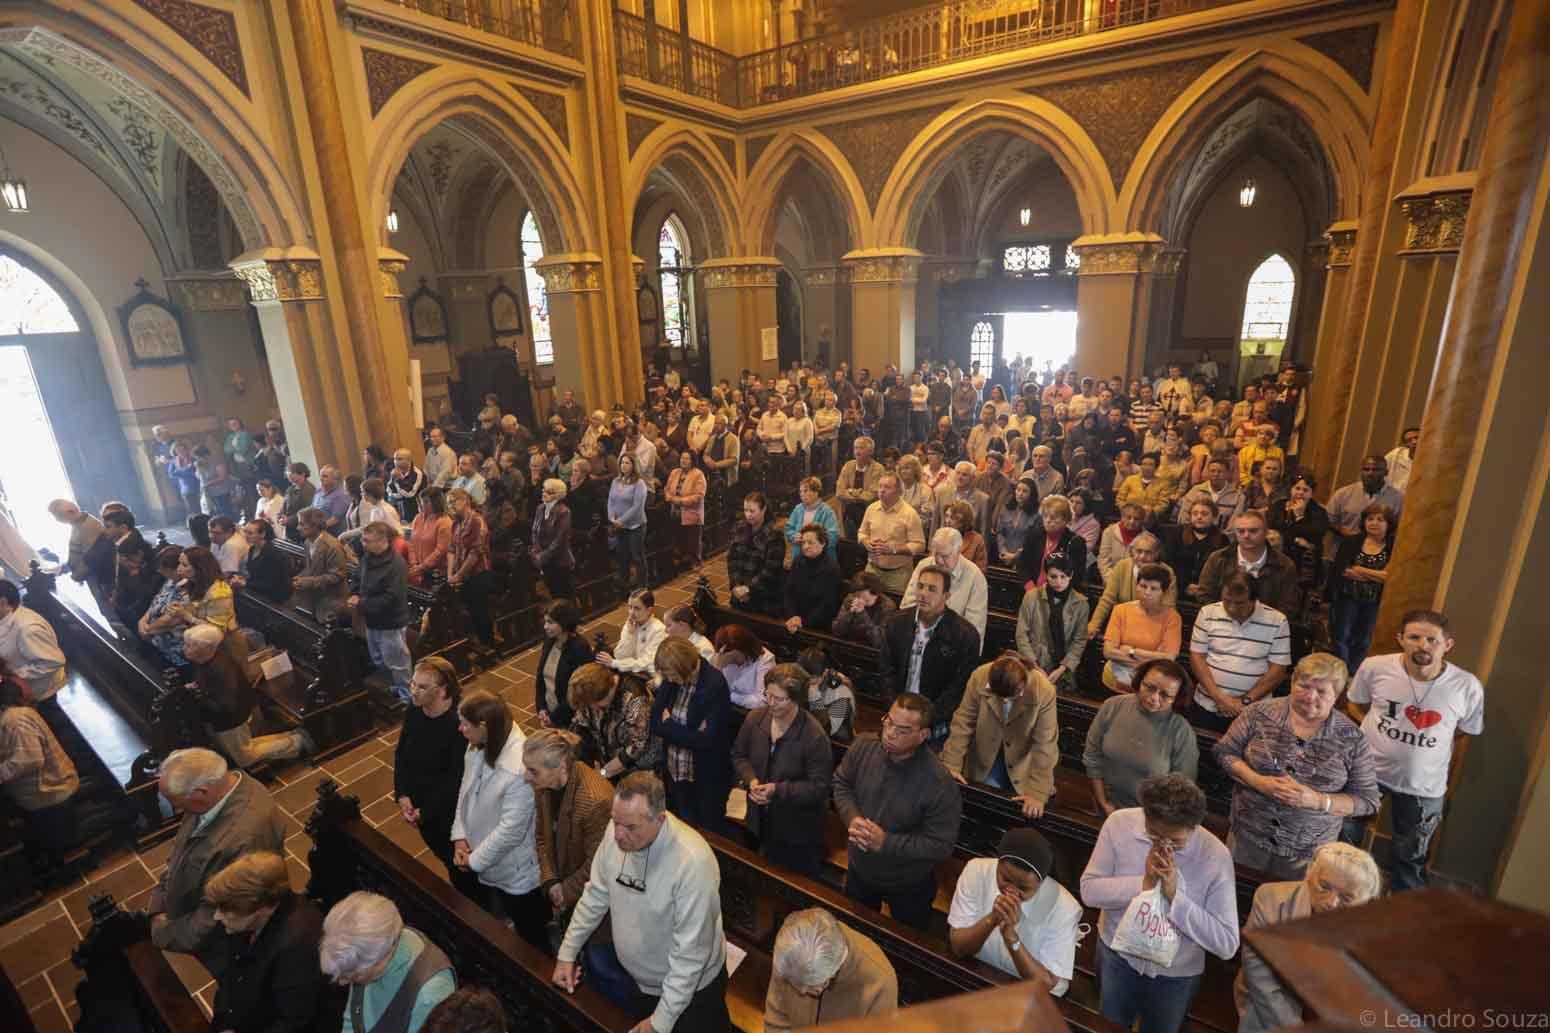 cerimonia-da-primeiro-sabado-na-catedral-de-curitiba-com-participacao-dos-arautos-do-evangelho-da-casa-divina-providencia-13